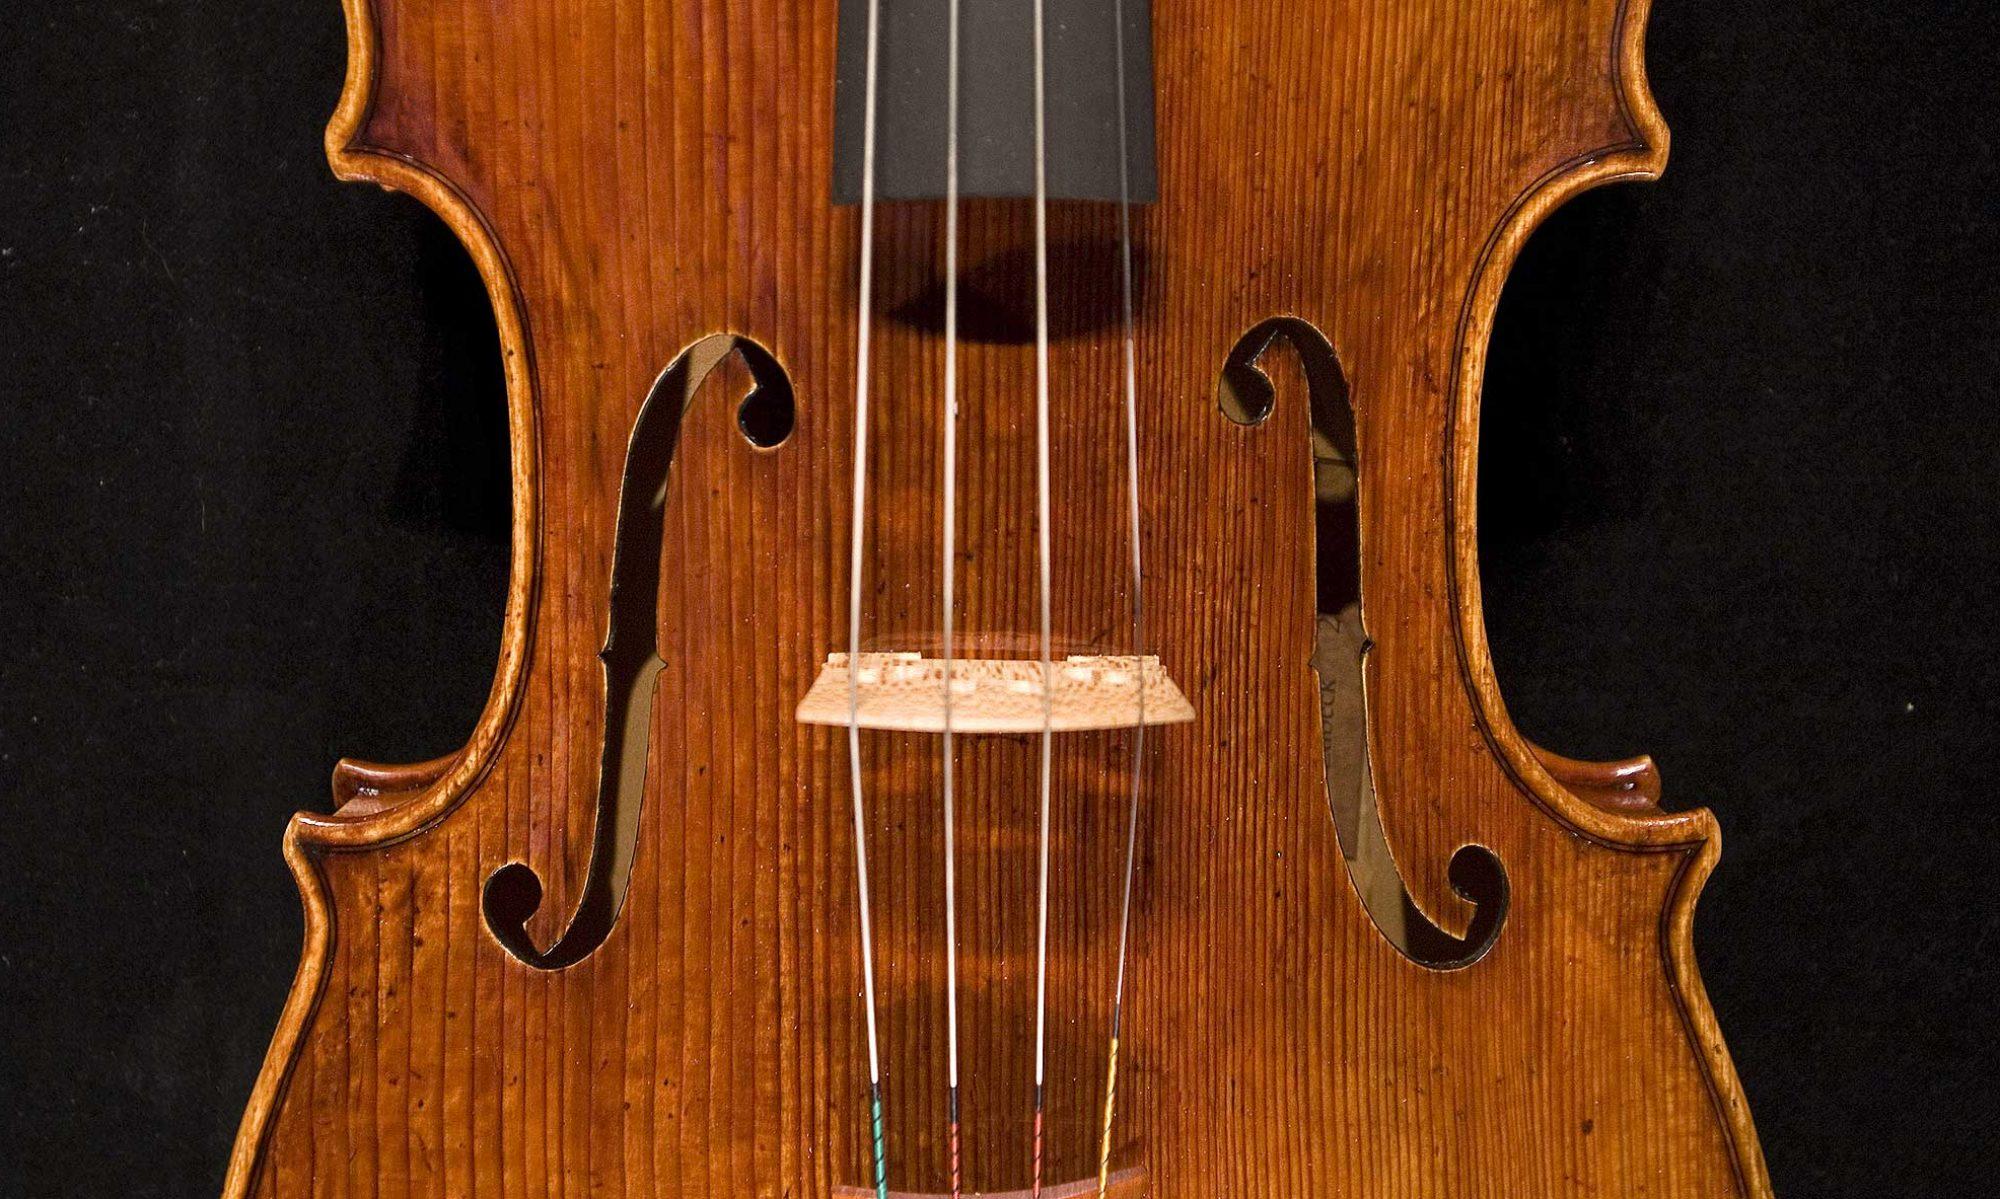 Geigenbau-Blog